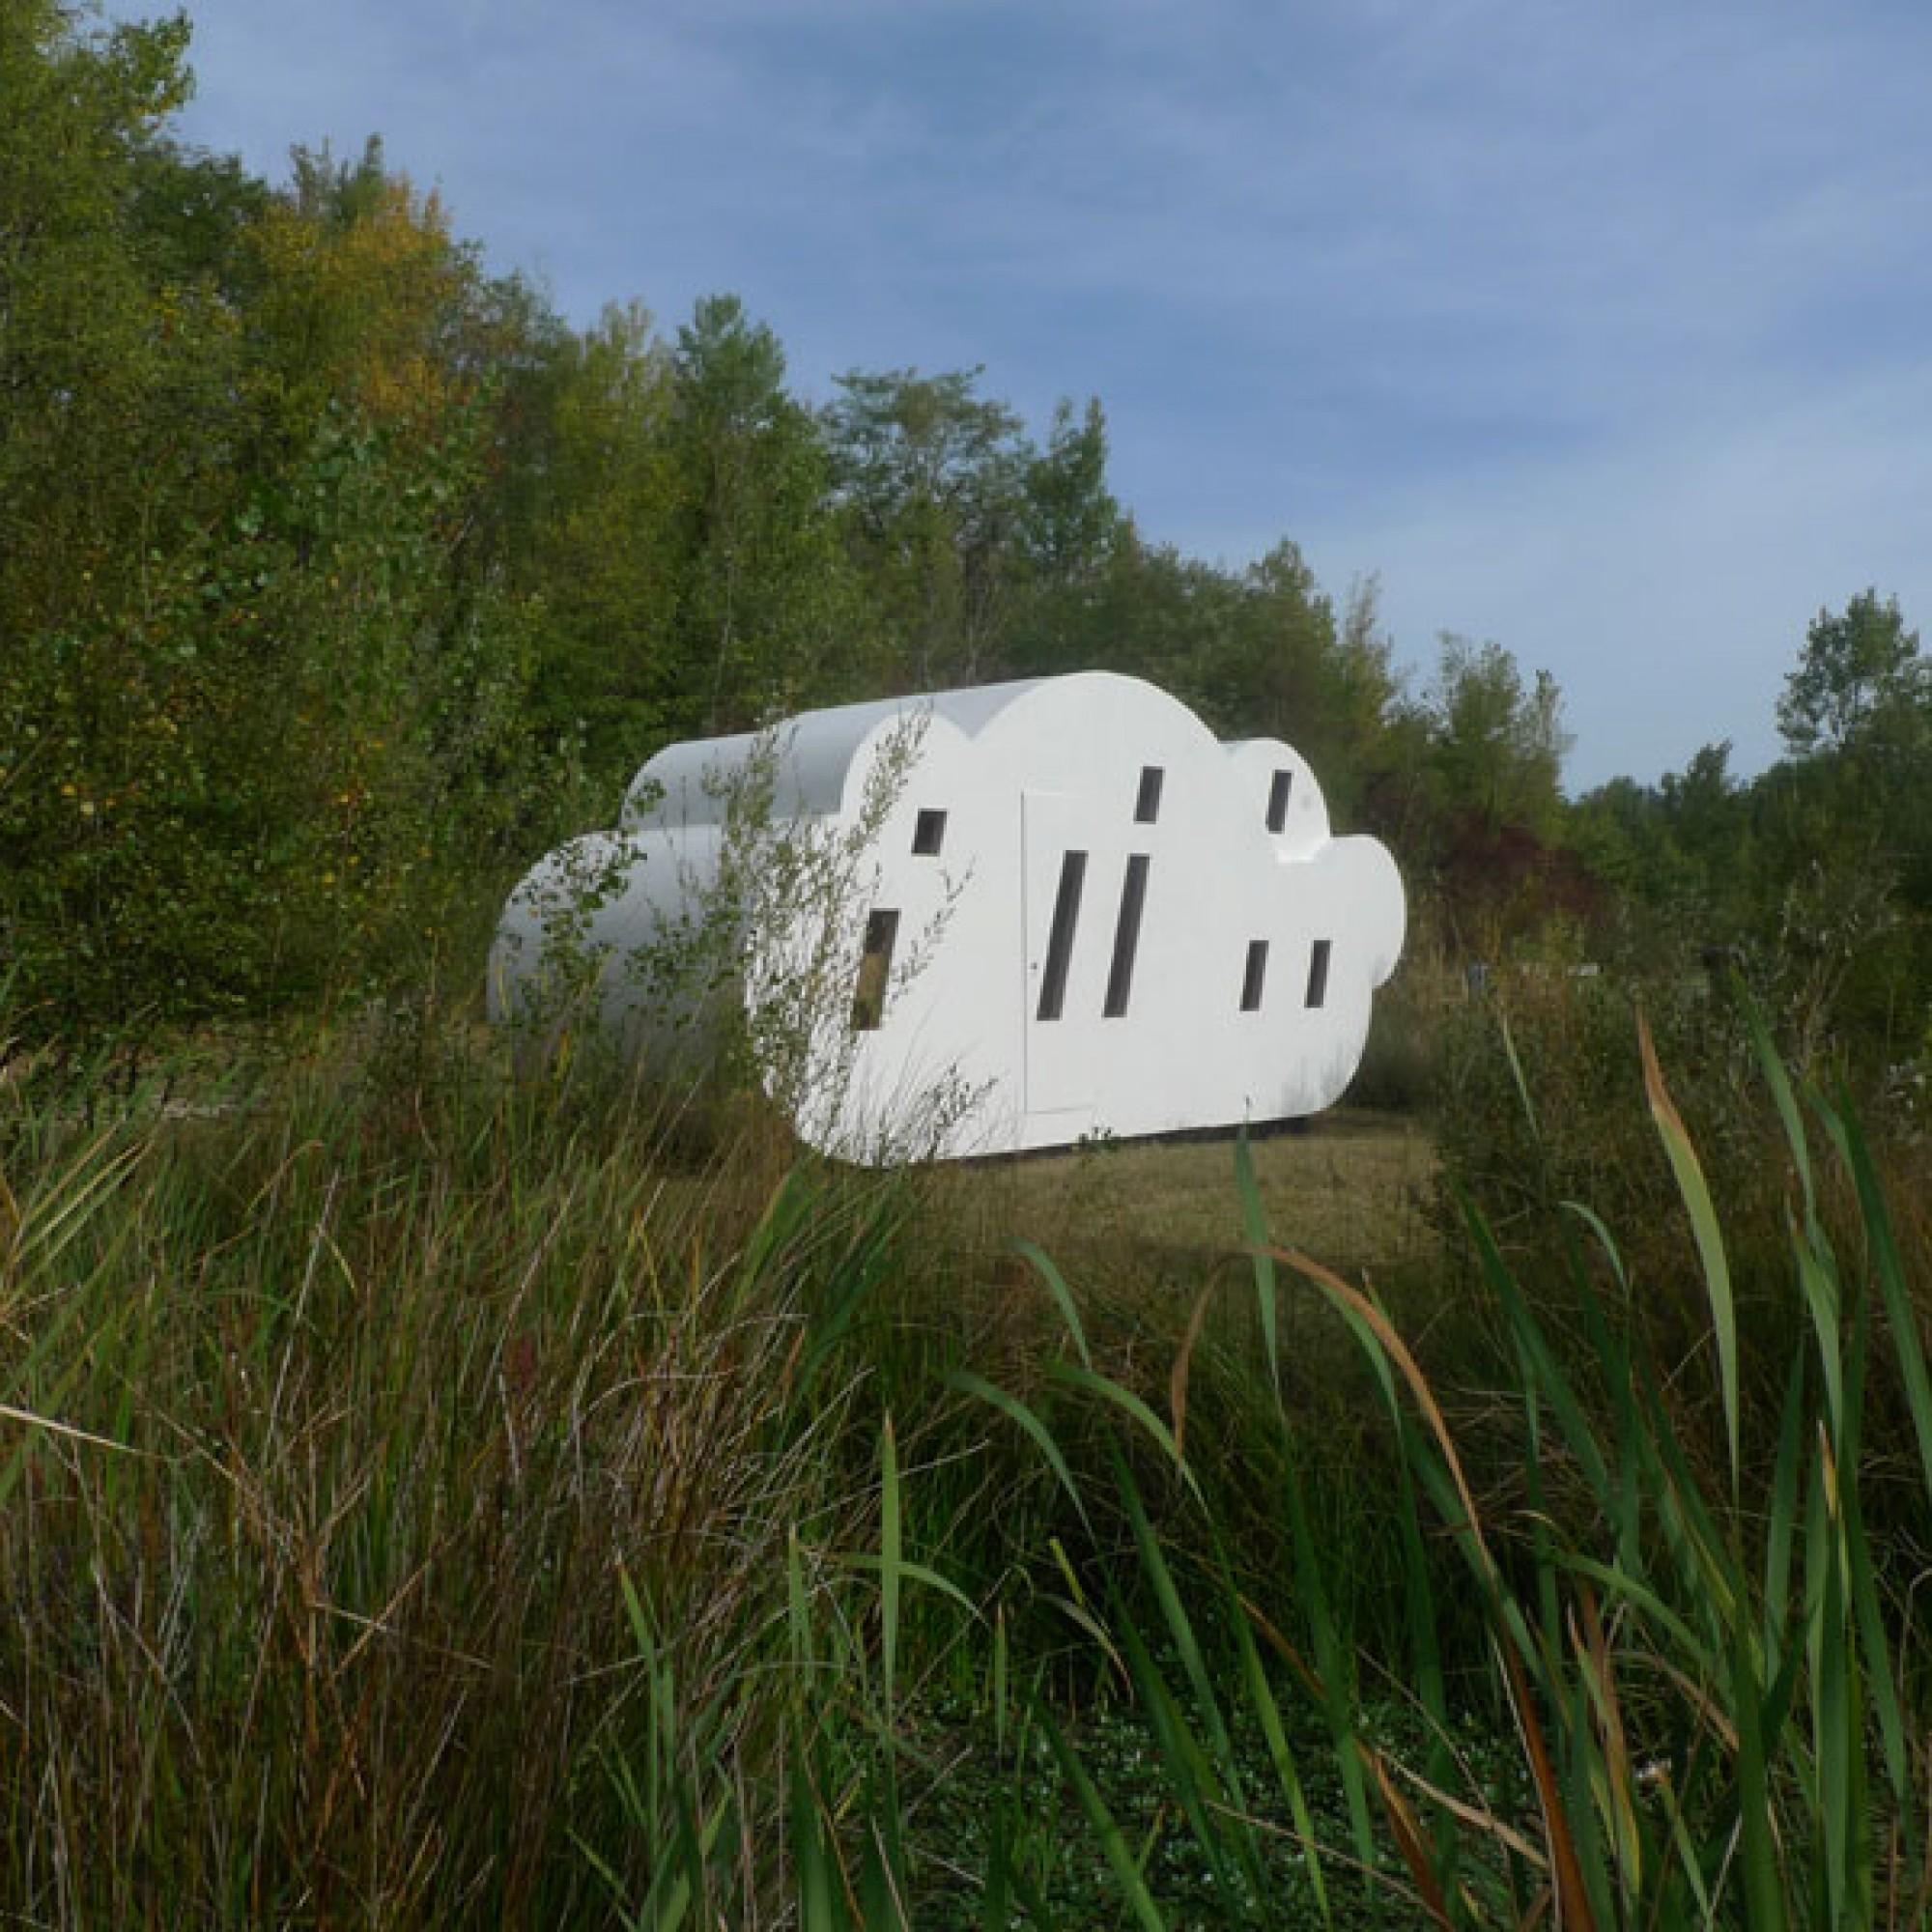 Die erste Schutzhütte «Le Nuage» wurde 2001 realisiert und erinnert an eine Wolke.